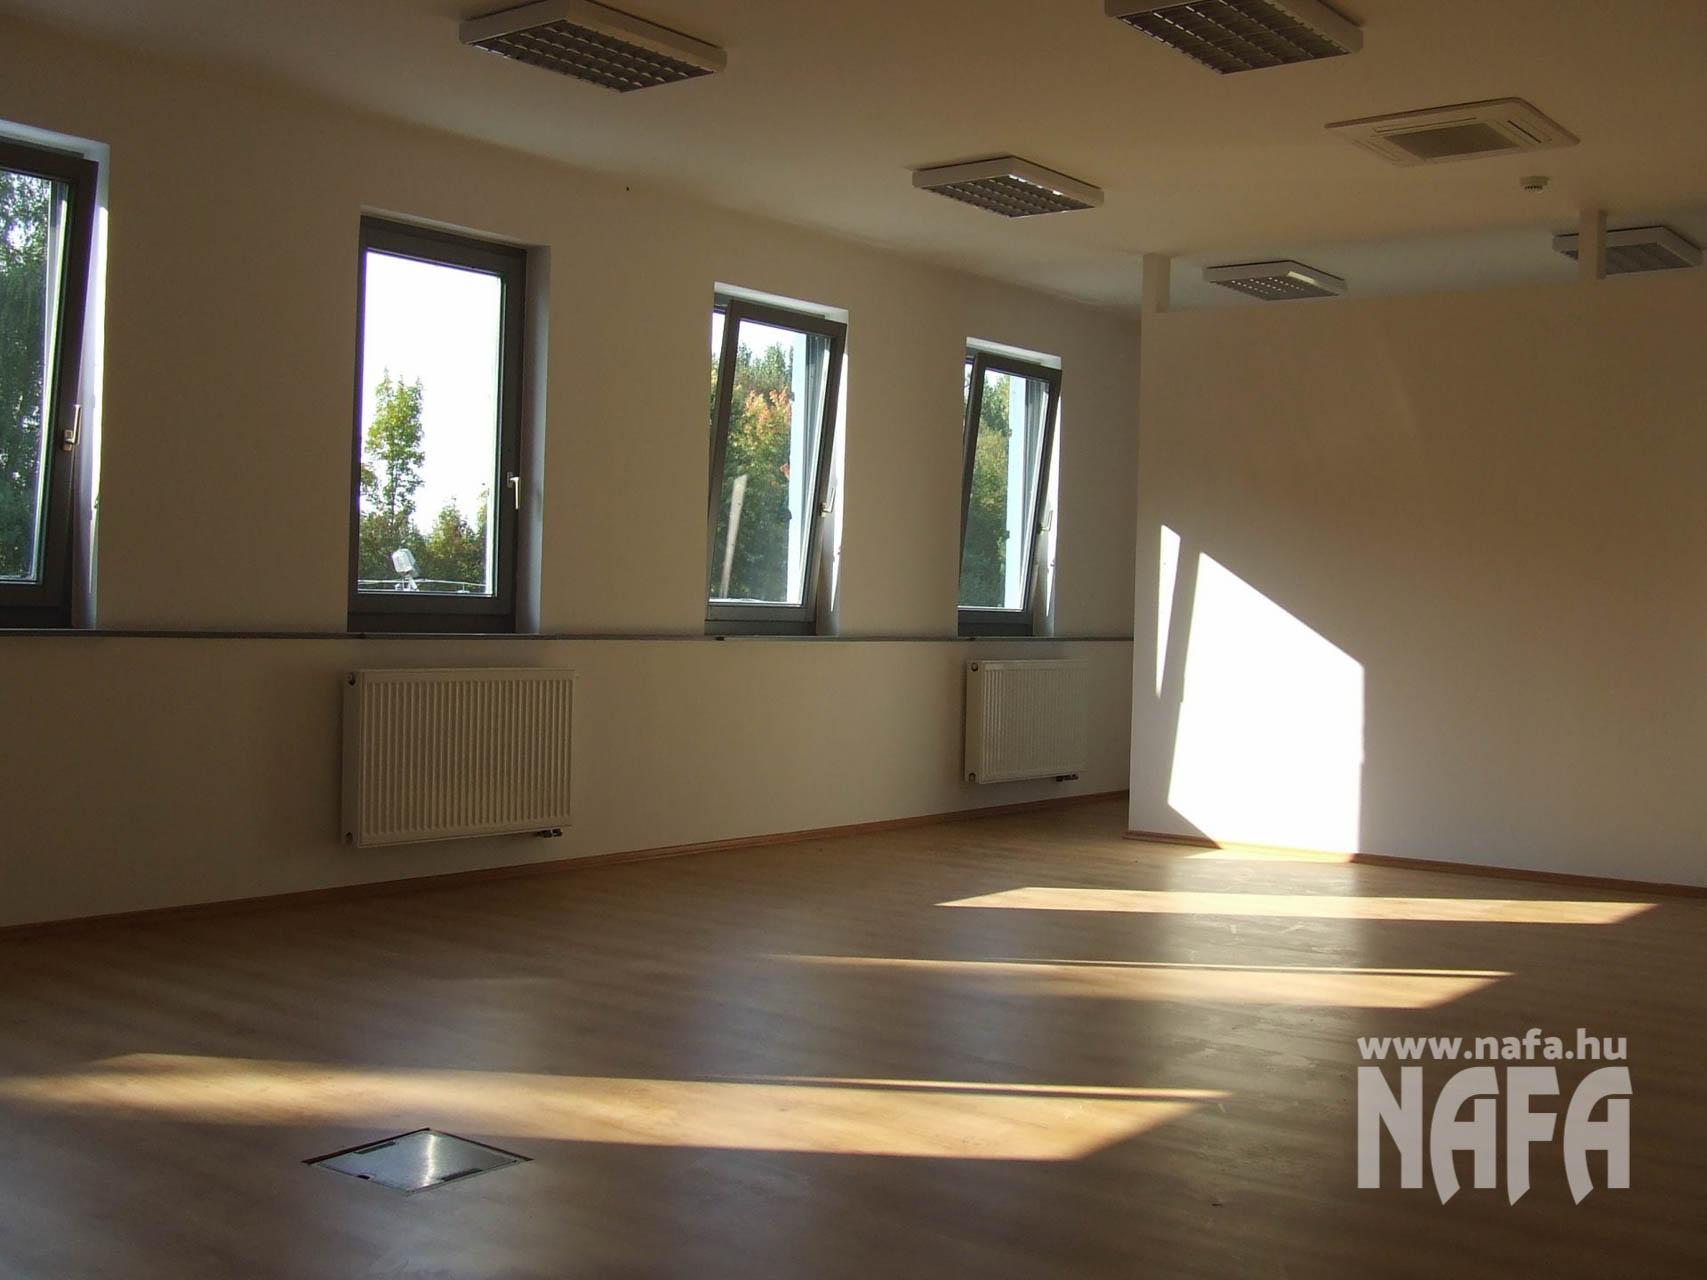 Fa nyílászárók, egyedi festett ablakok, Galambok Irodaház